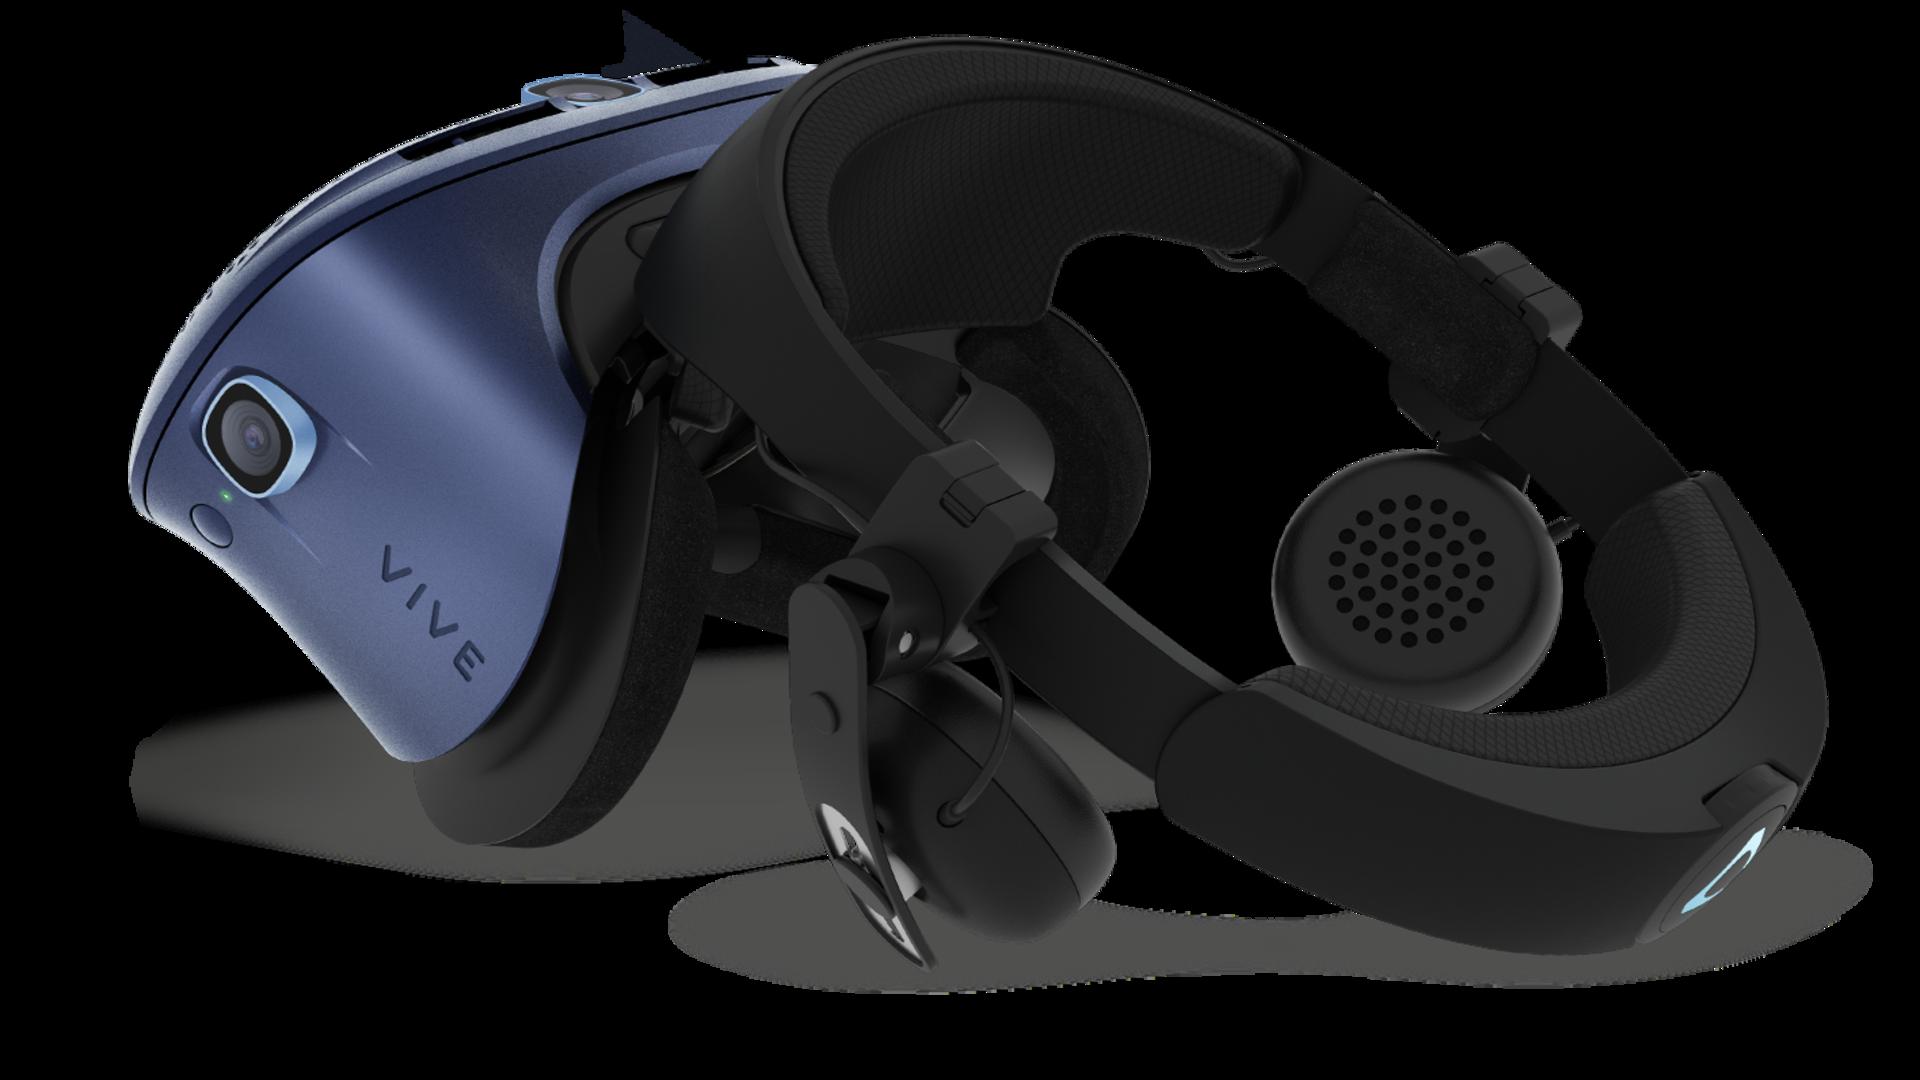 نظارات الواقع الإفتراضي Cosmos لعام 2019